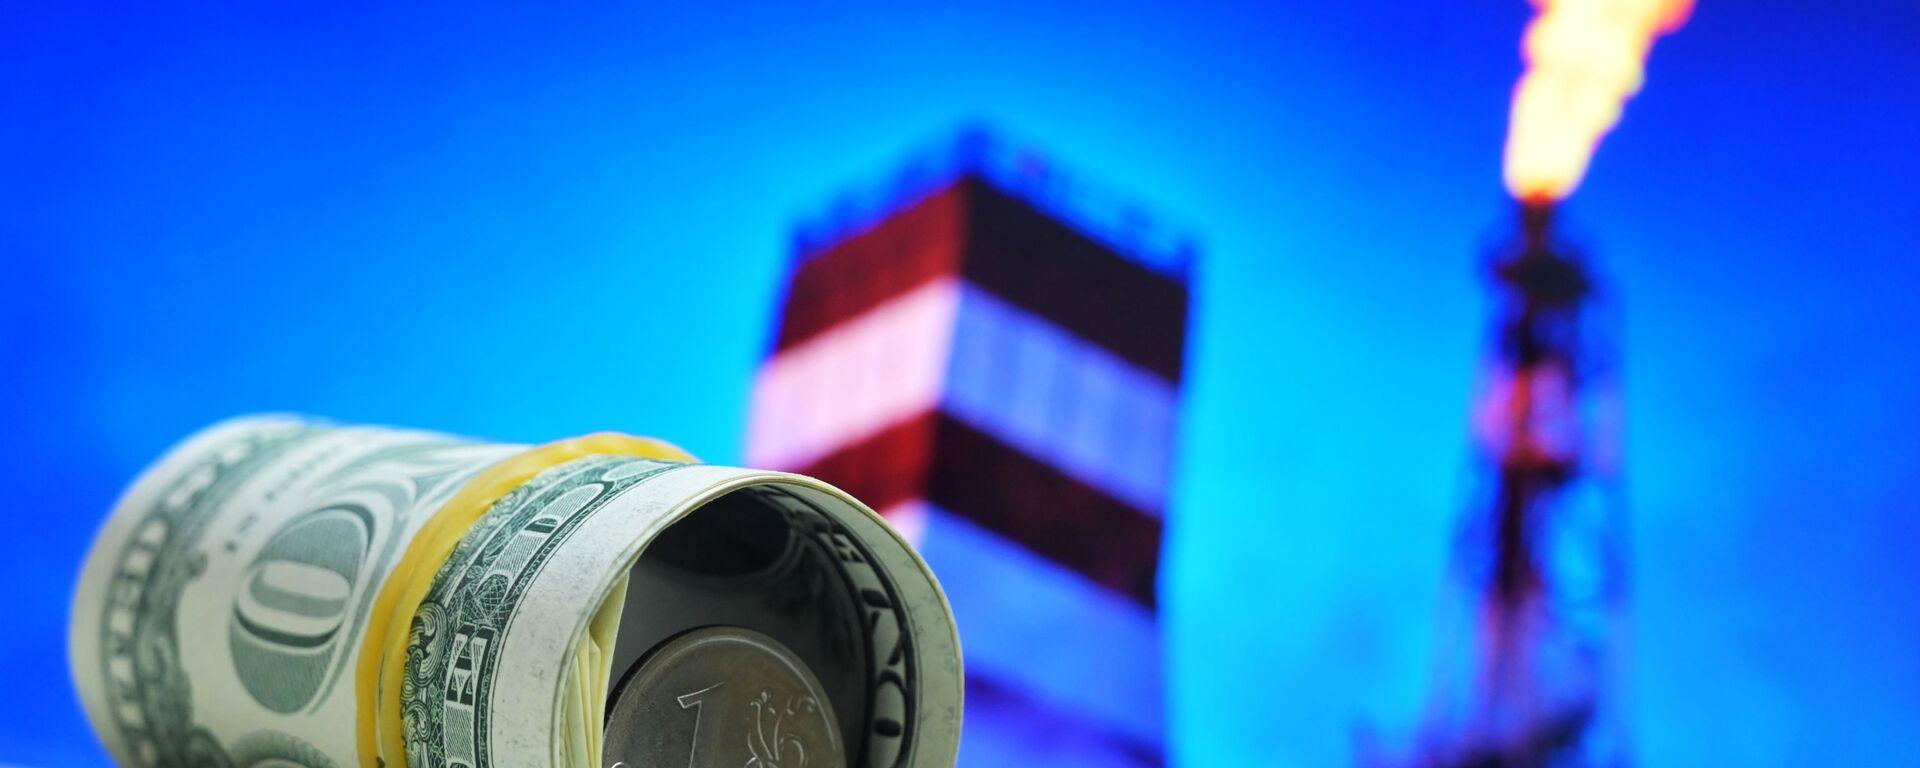 Денежные купюры США и монета номиналом один рубль - Sputnik Беларусь, 1920, 08.01.2021